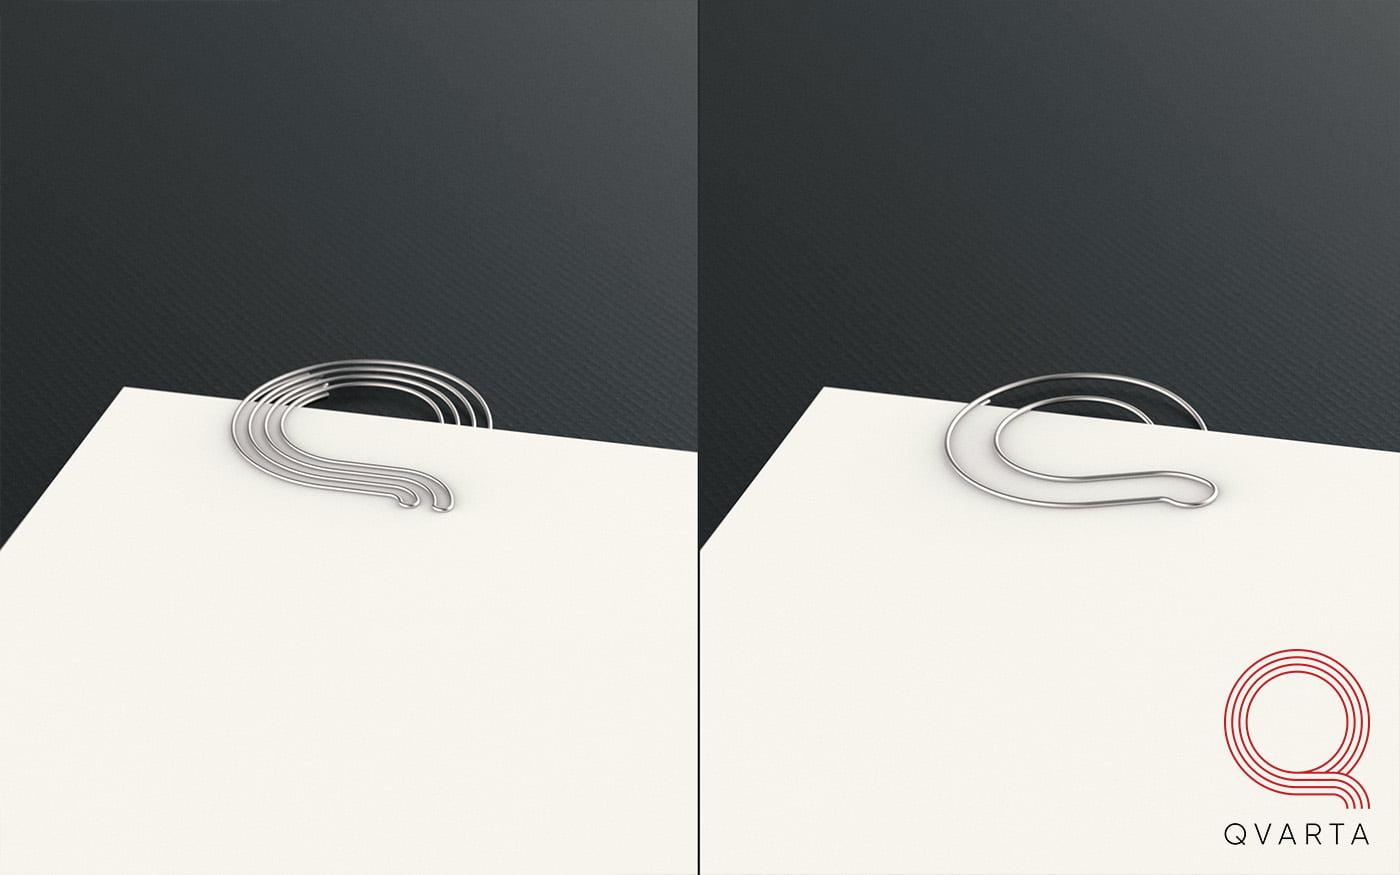 Скрепки с дизайном от Qvarta на столе.